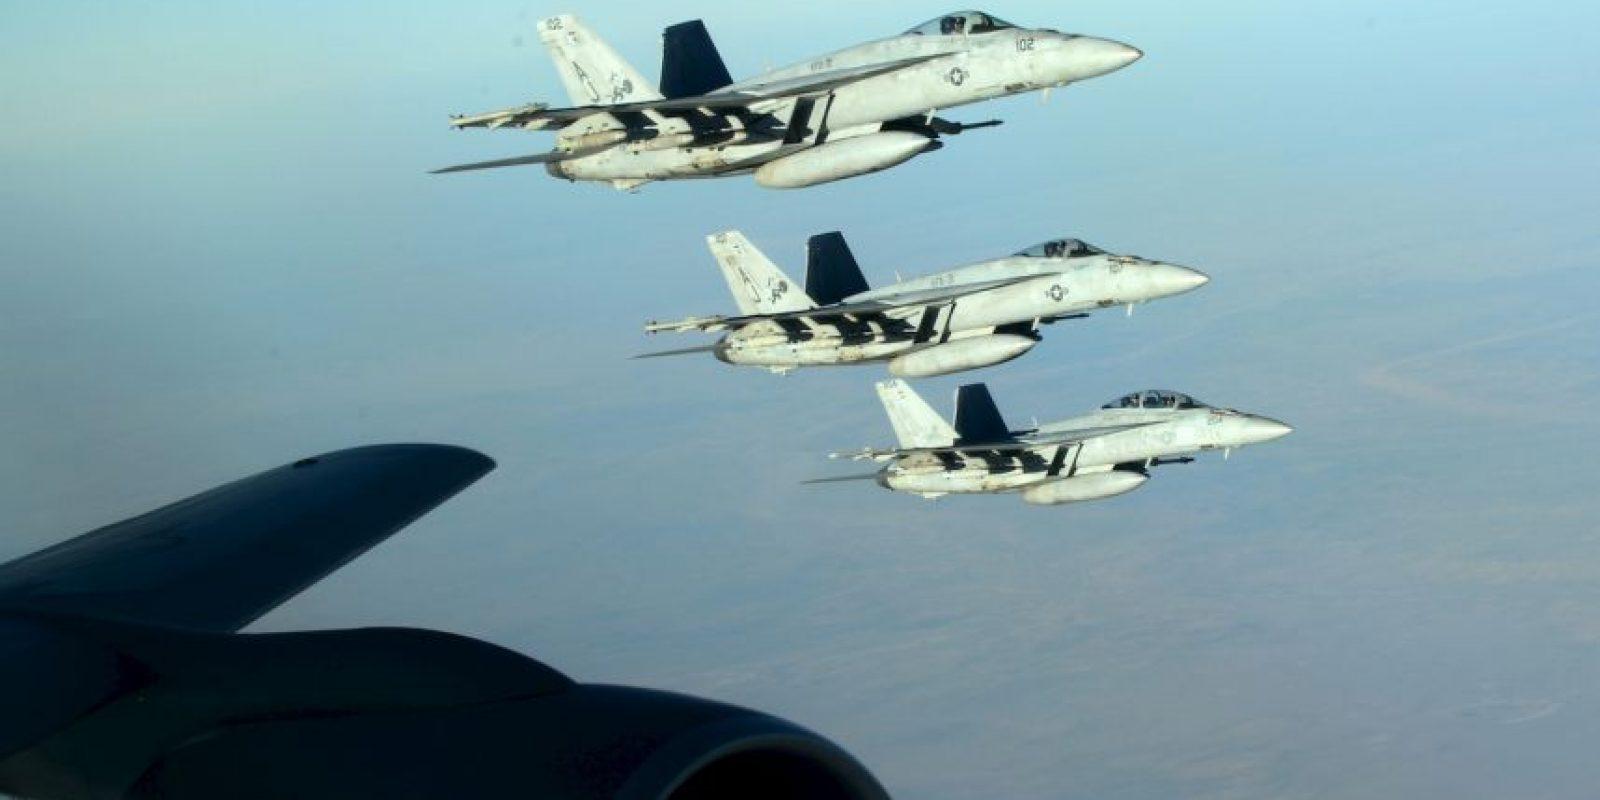 Dicha coalición está liderada por Estados Unidos. Foto:AP